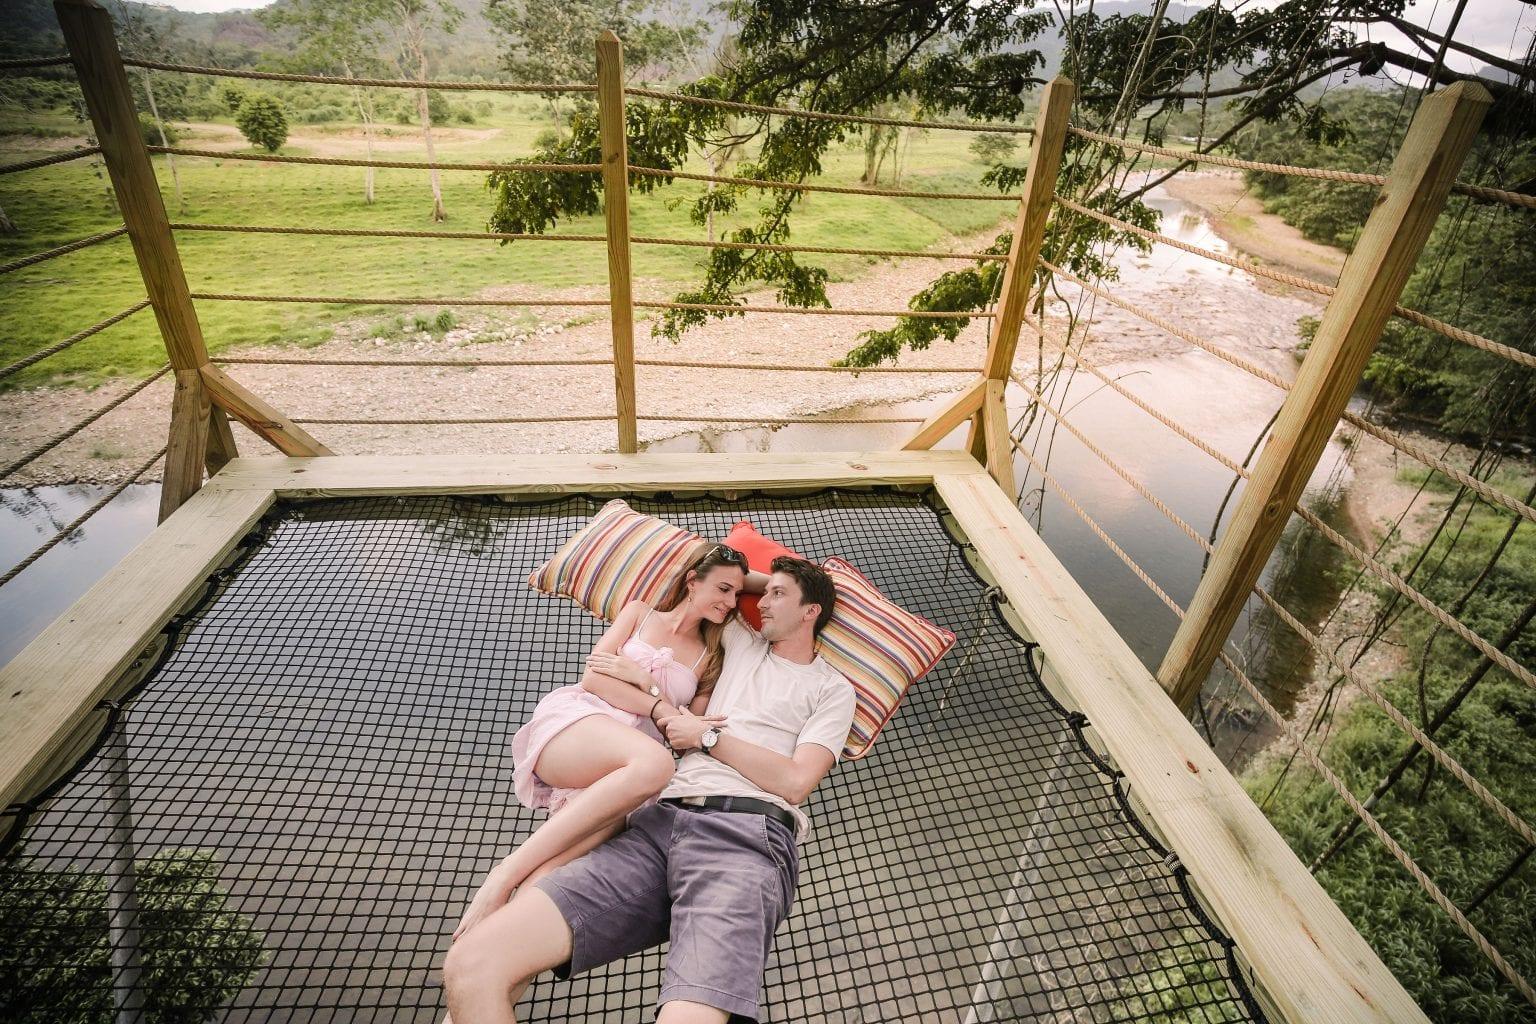 couple-sleeping-giant-lodge-belize-collection-honeymoon